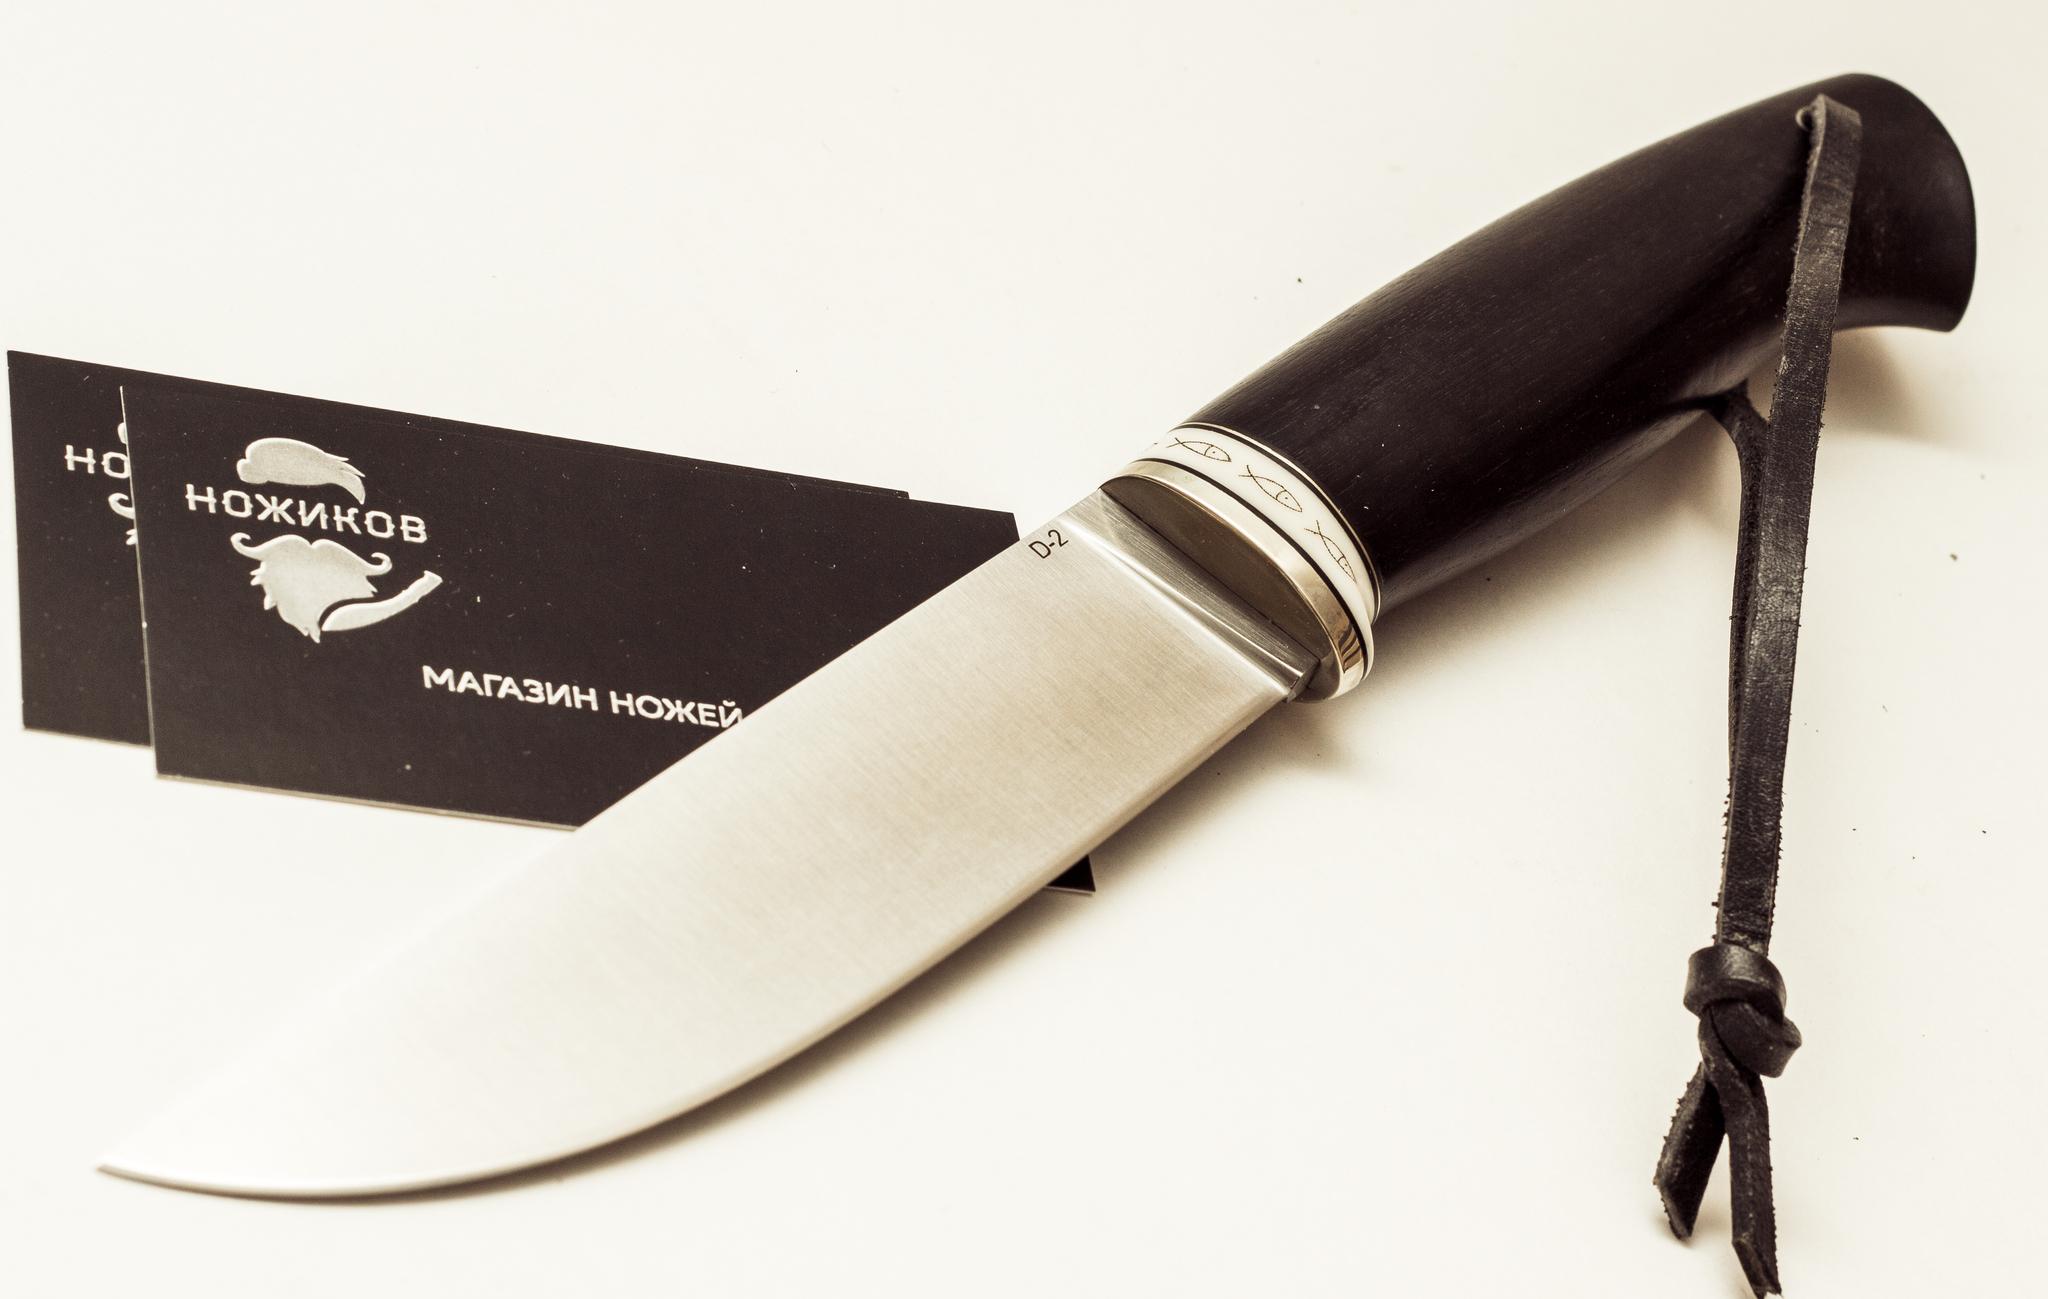 """Нож Лиман - 2, сталь D2, черный граб """"скрим-шоу"""" от Магазин ножей """"Ножиков"""""""